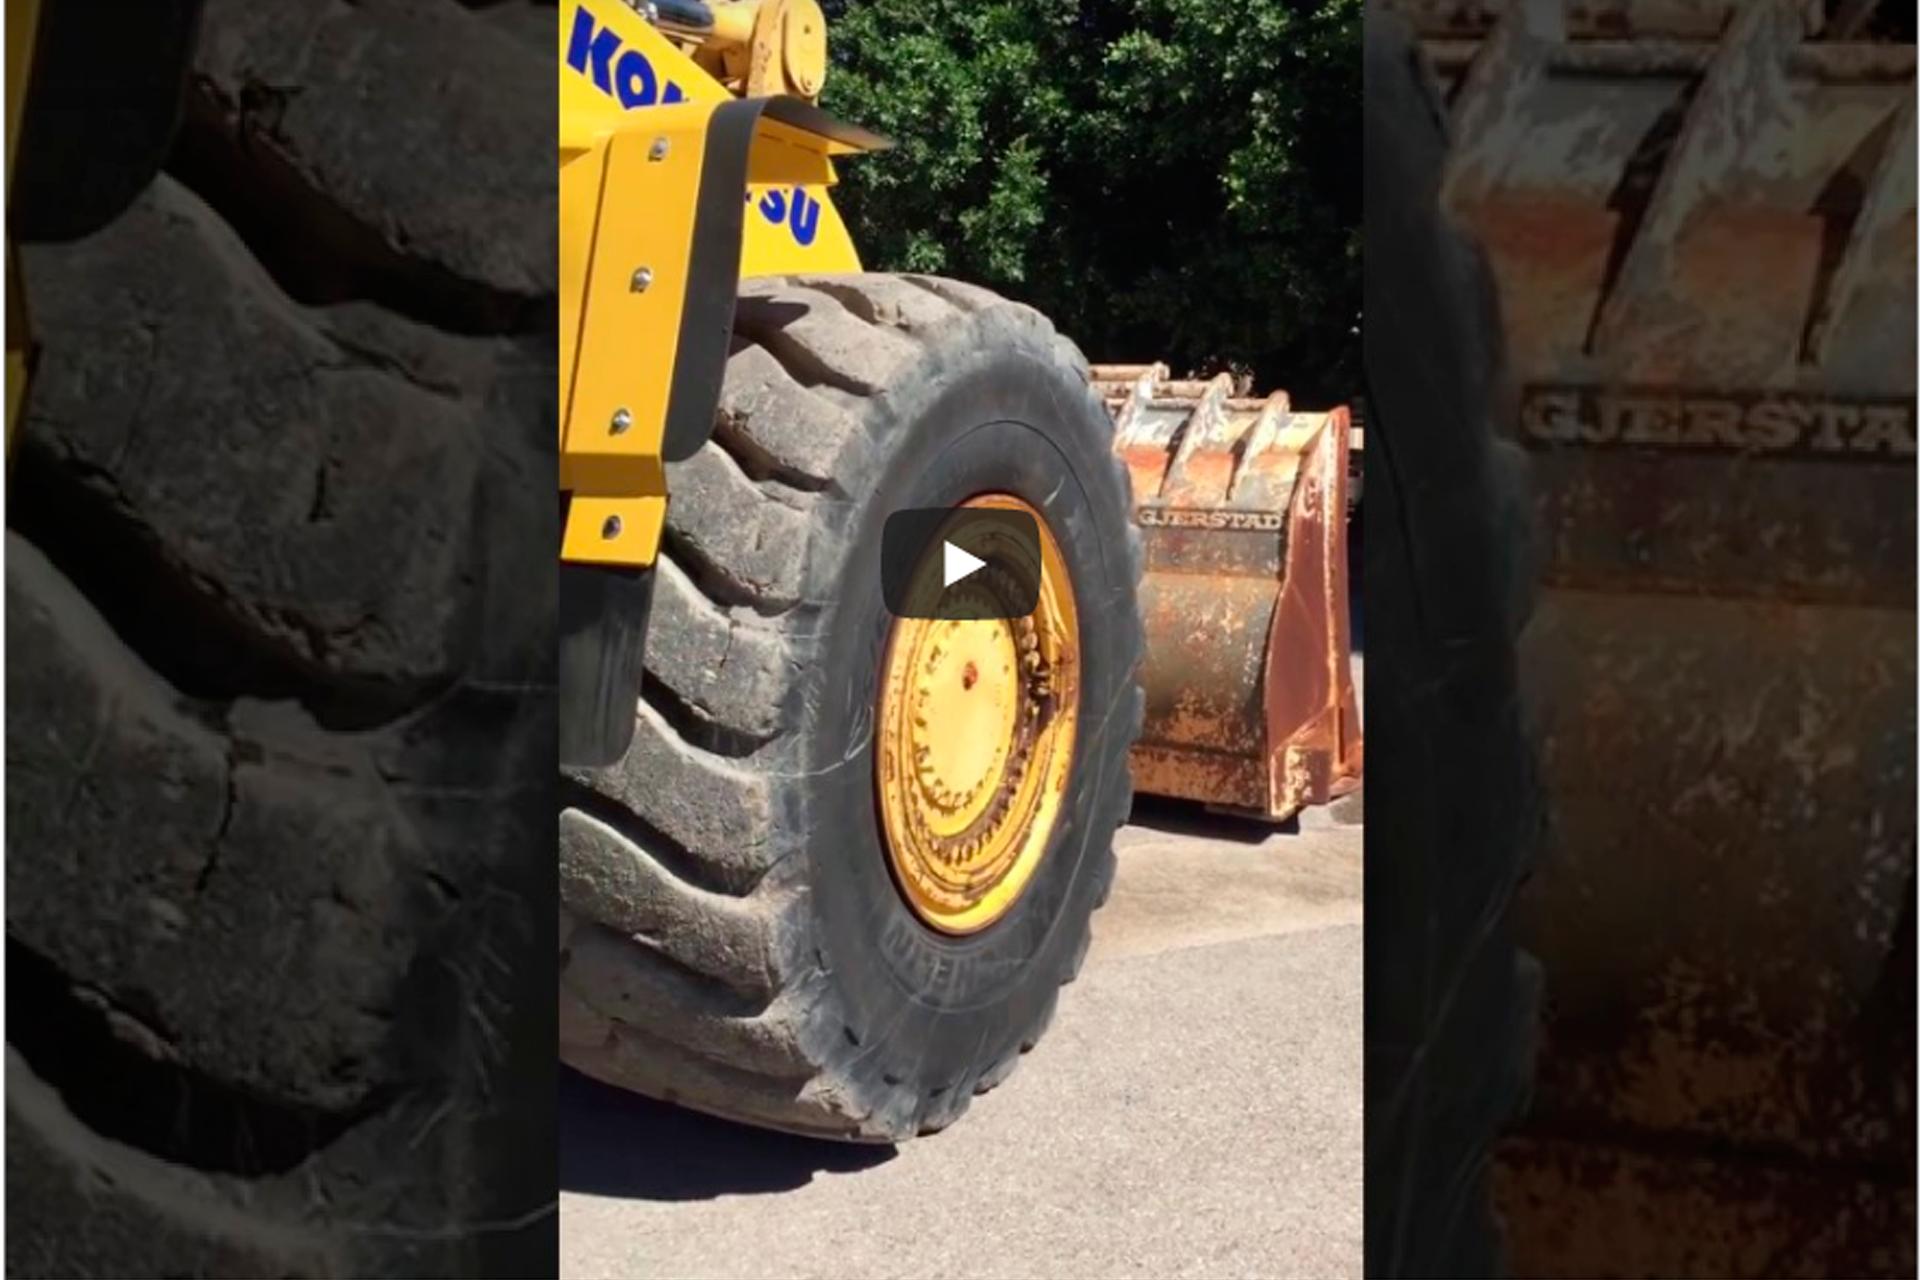 Revisão dos níveis e vazamentos de uma carregadeira de rodas Komatsu WA-600 em 8 etapas